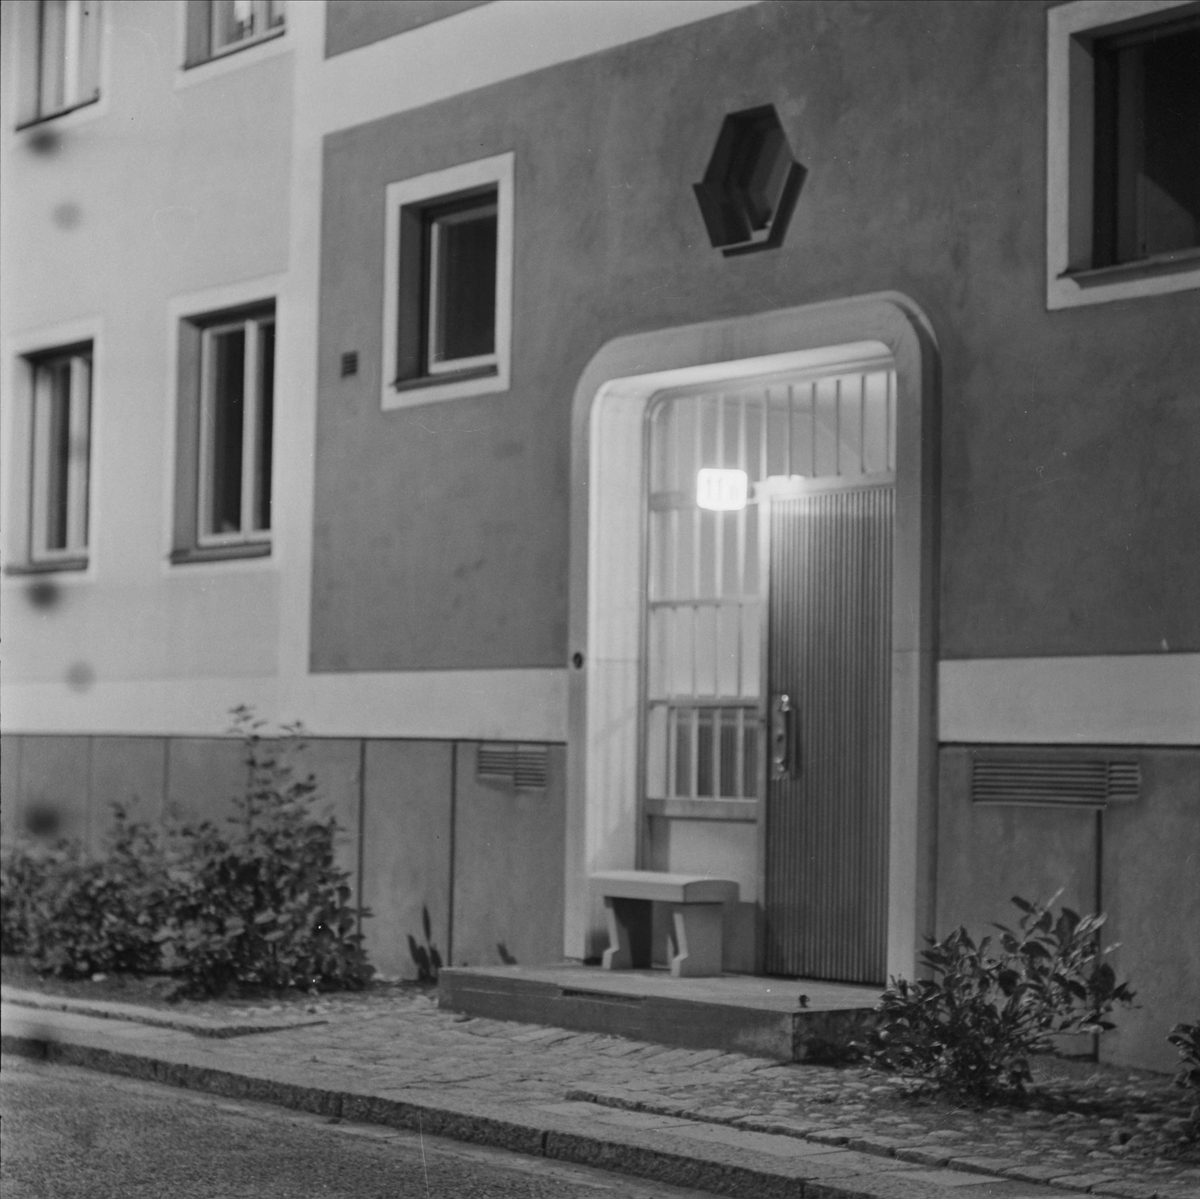 Ingången till bostadshus på Svartmangatan 13, kvarteret S:t Johannes, Fjärdingen, Uppsala